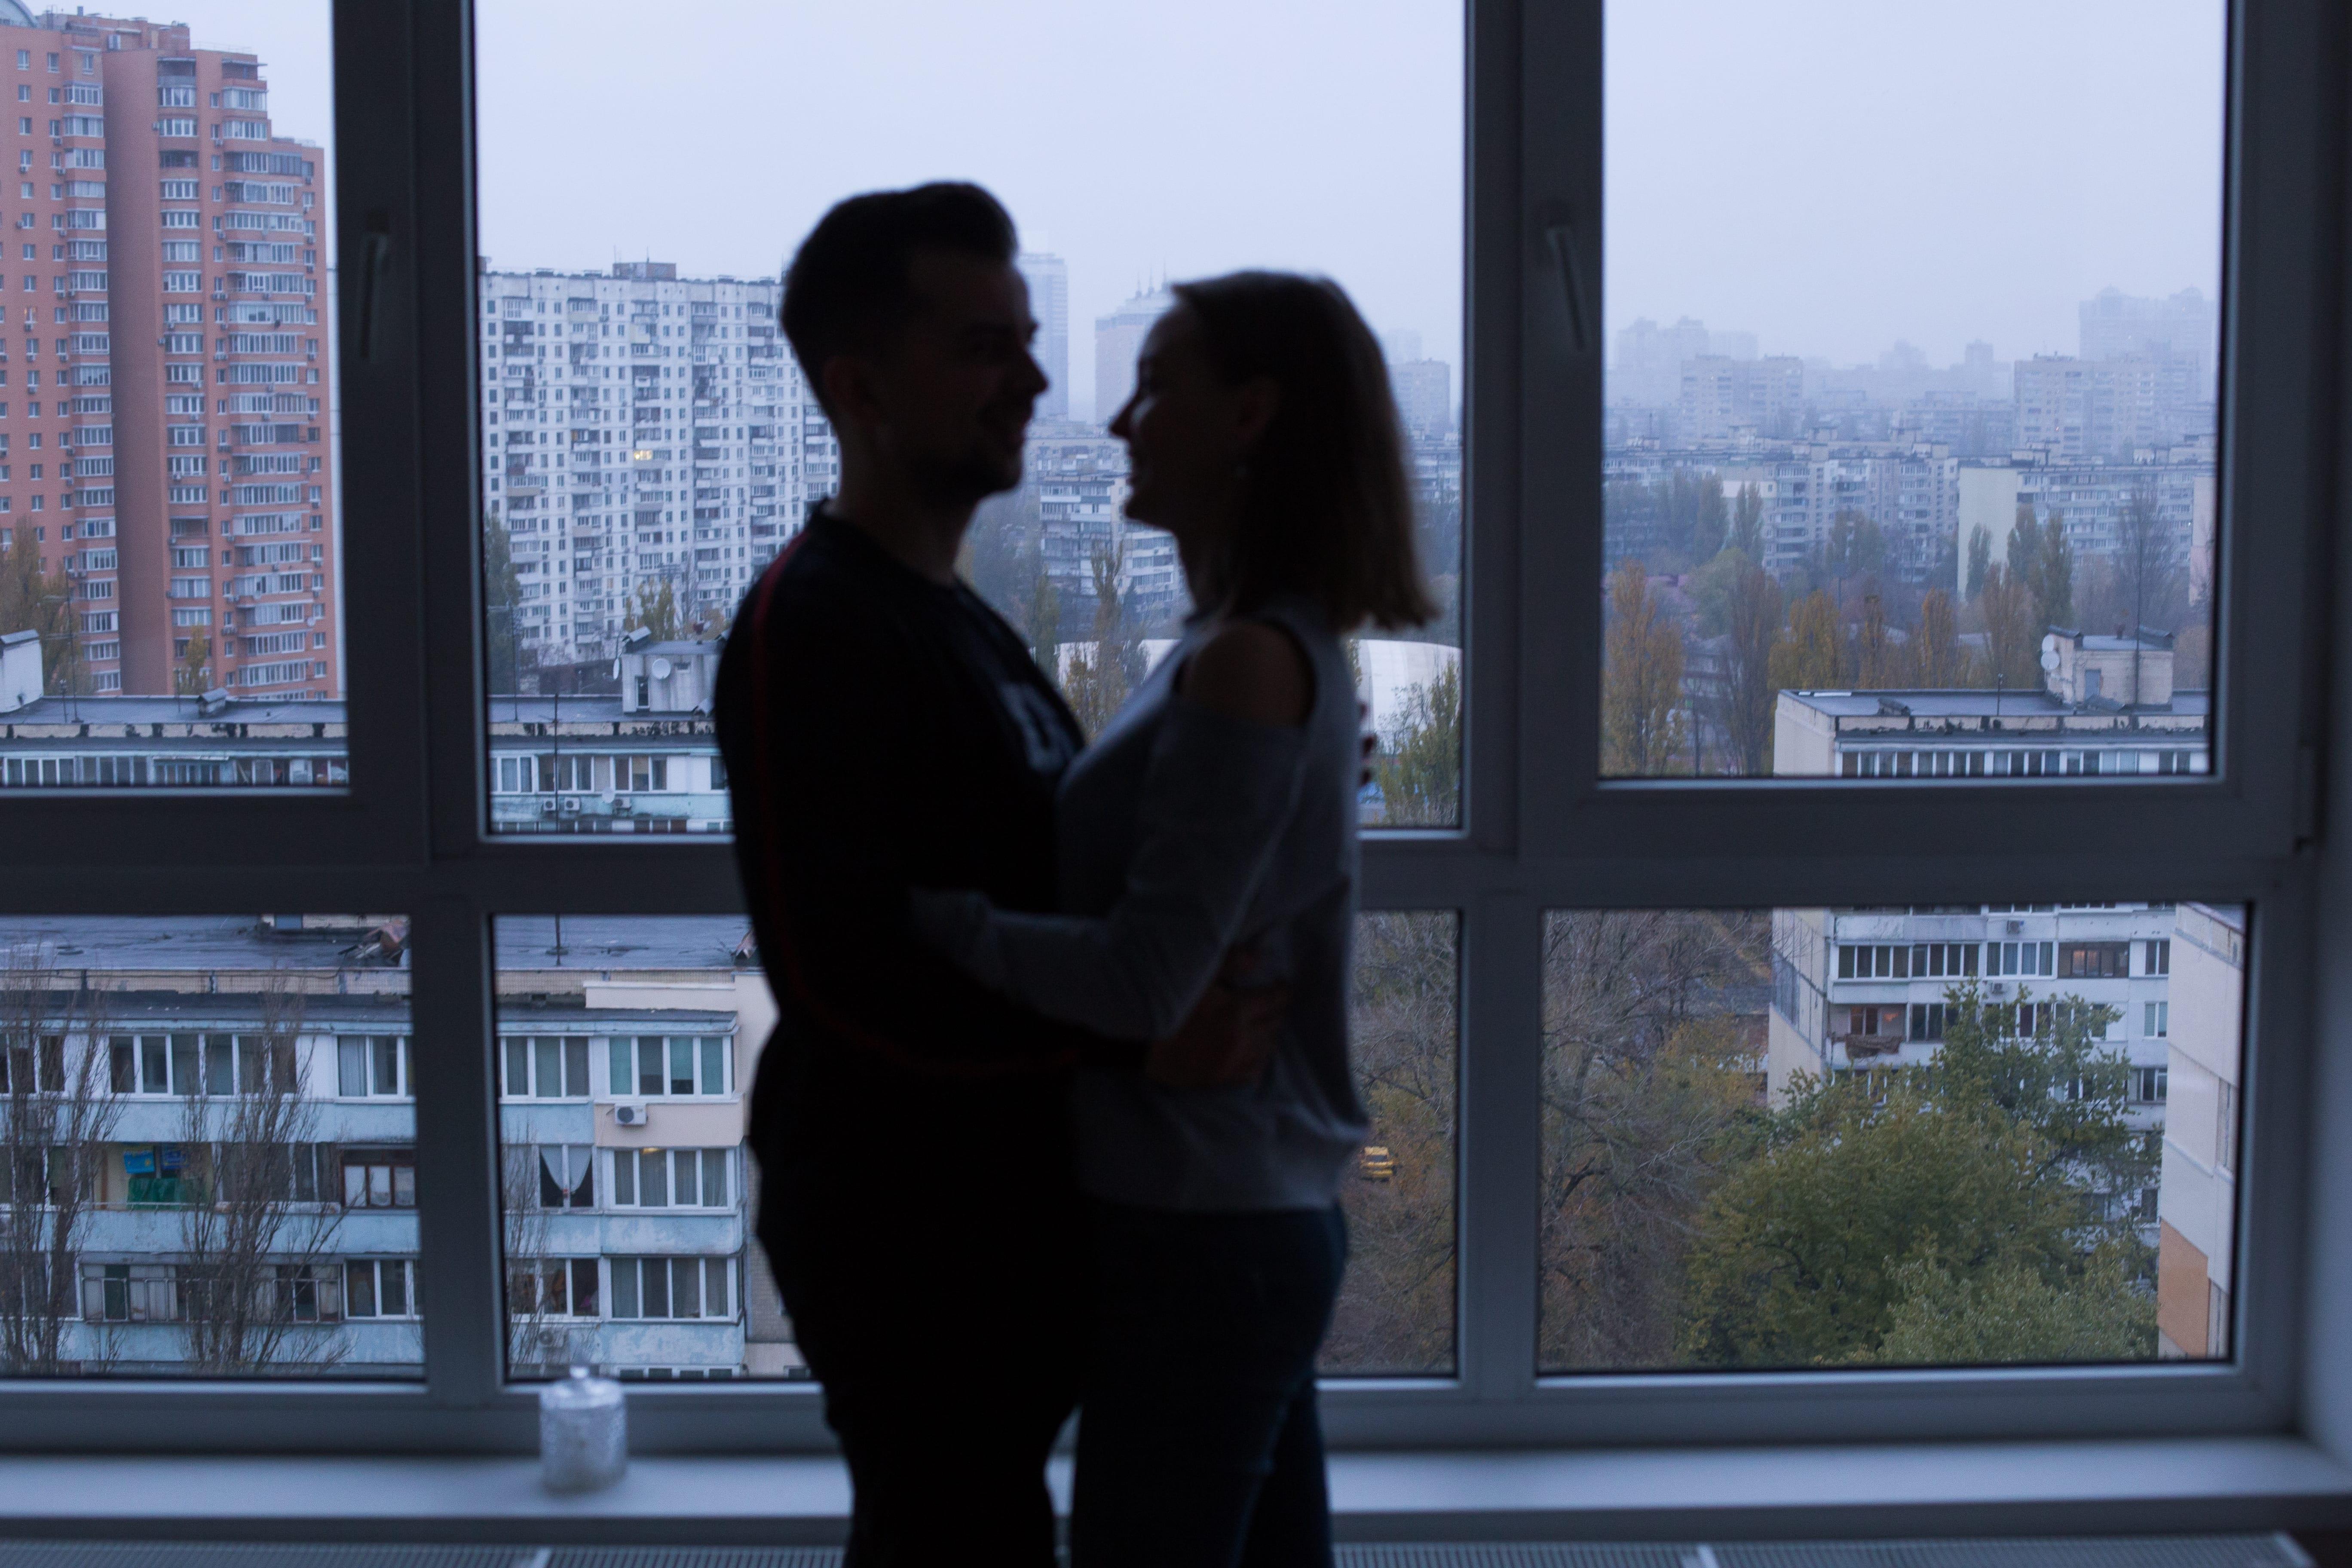 img 0059 - <b>Сім кіл пекла.</b> Чому білоруські мігранти не можуть оселитися в Україні й до чого тут міграційна служба - Заборона